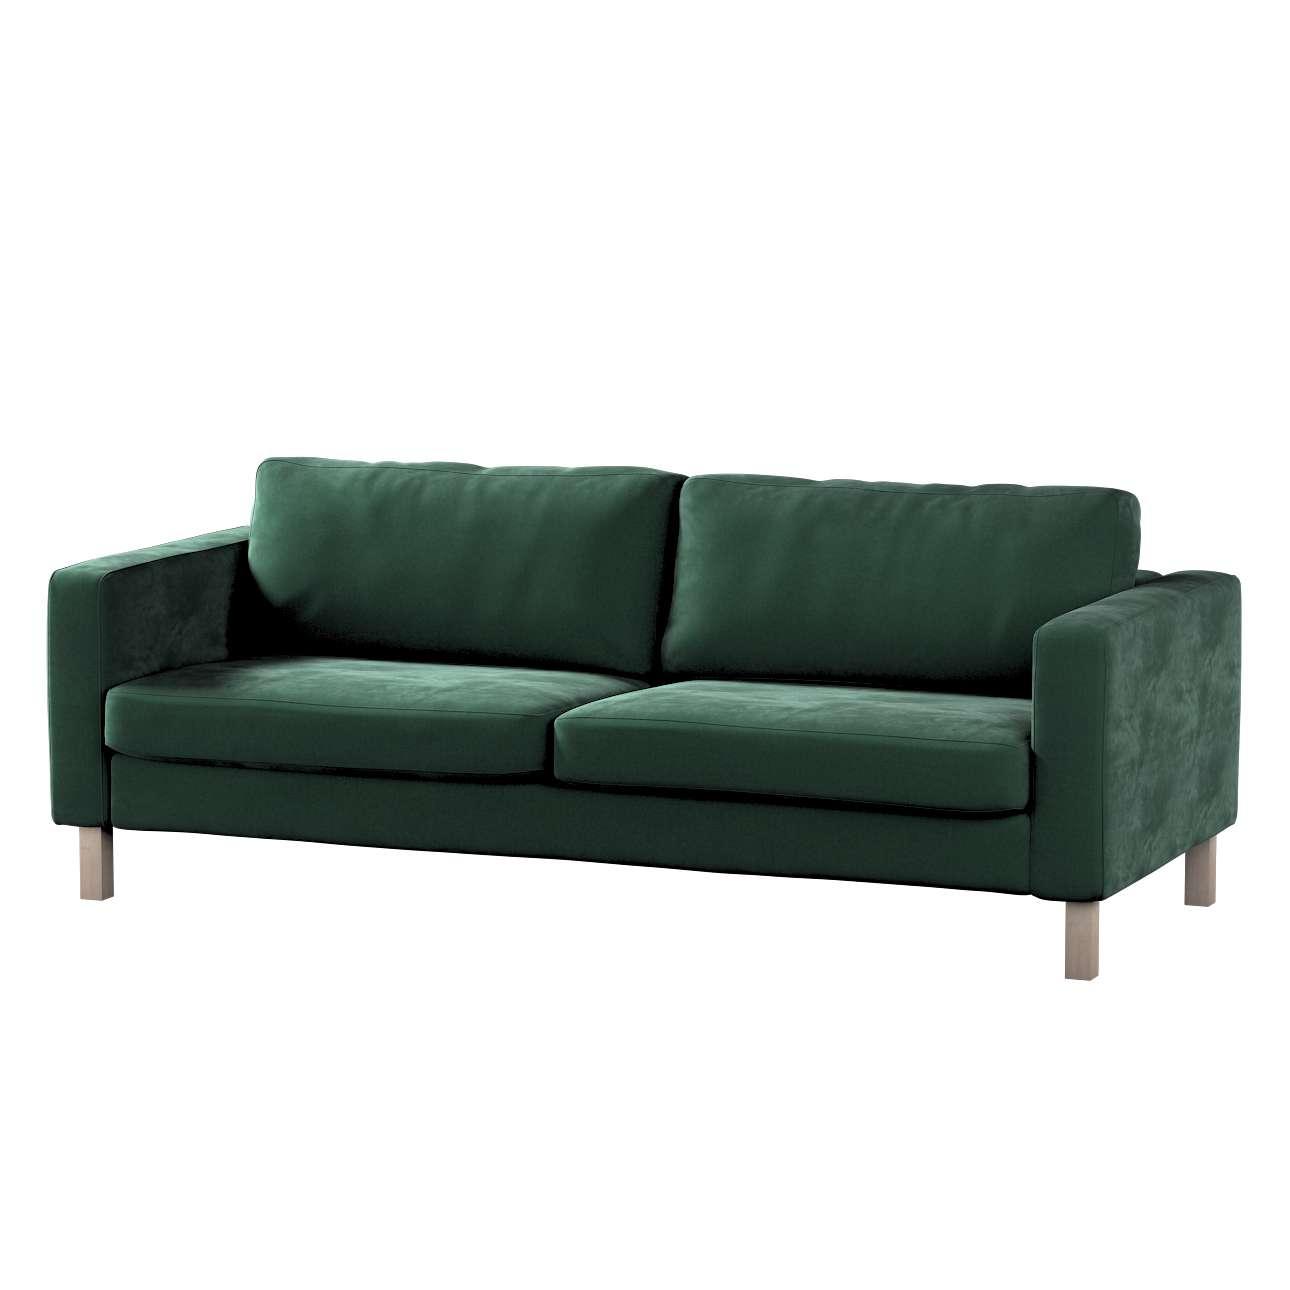 Karlstad klädsel<br>3-pers. soffa - kort - 204cm i kollektionen Velvet, Tyg: 704-25